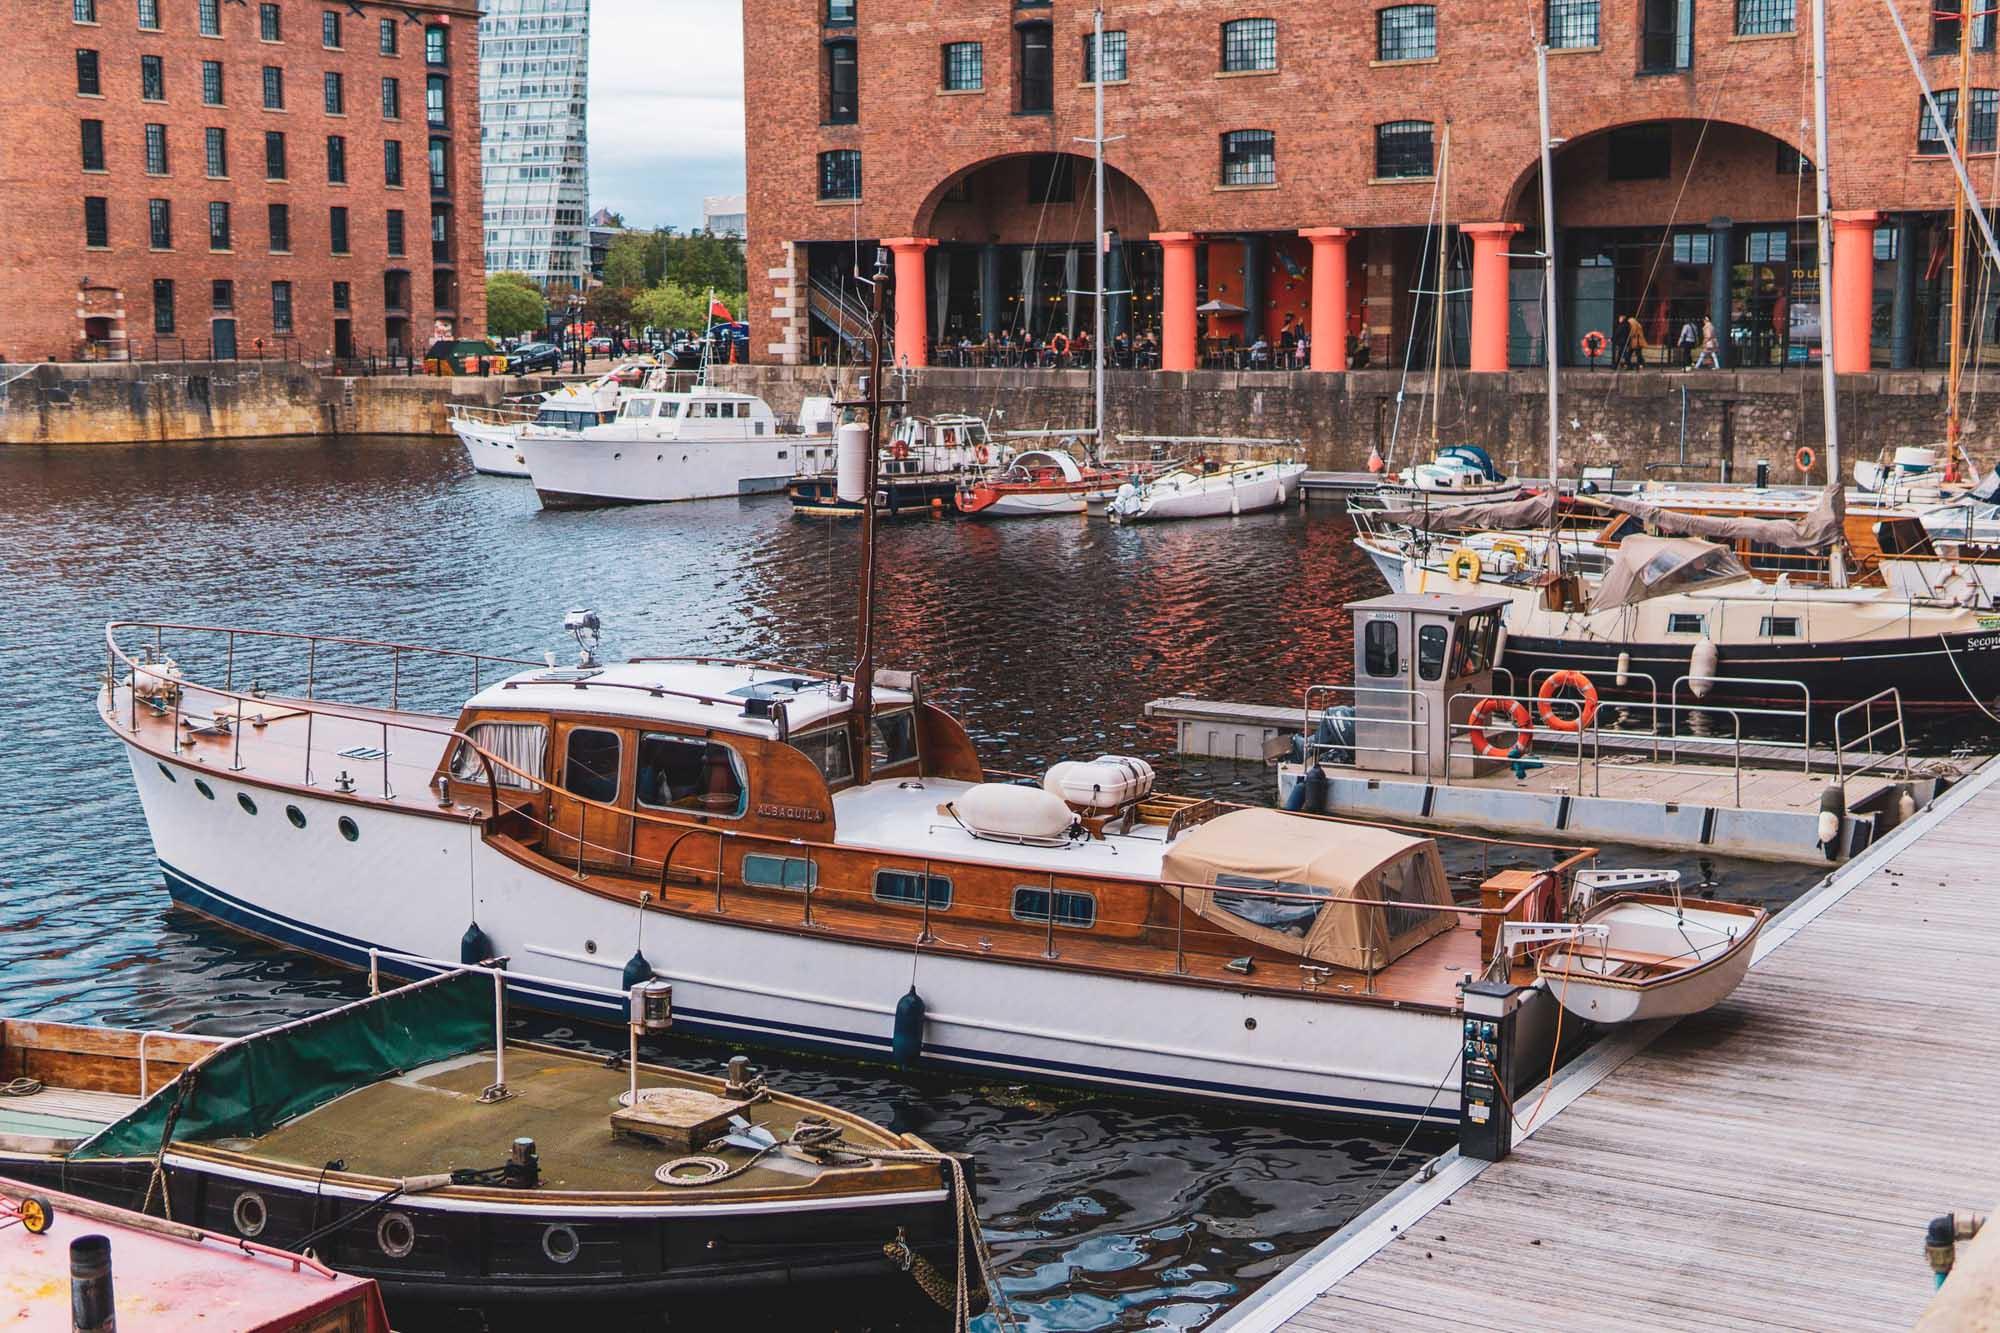 The Albert Docks